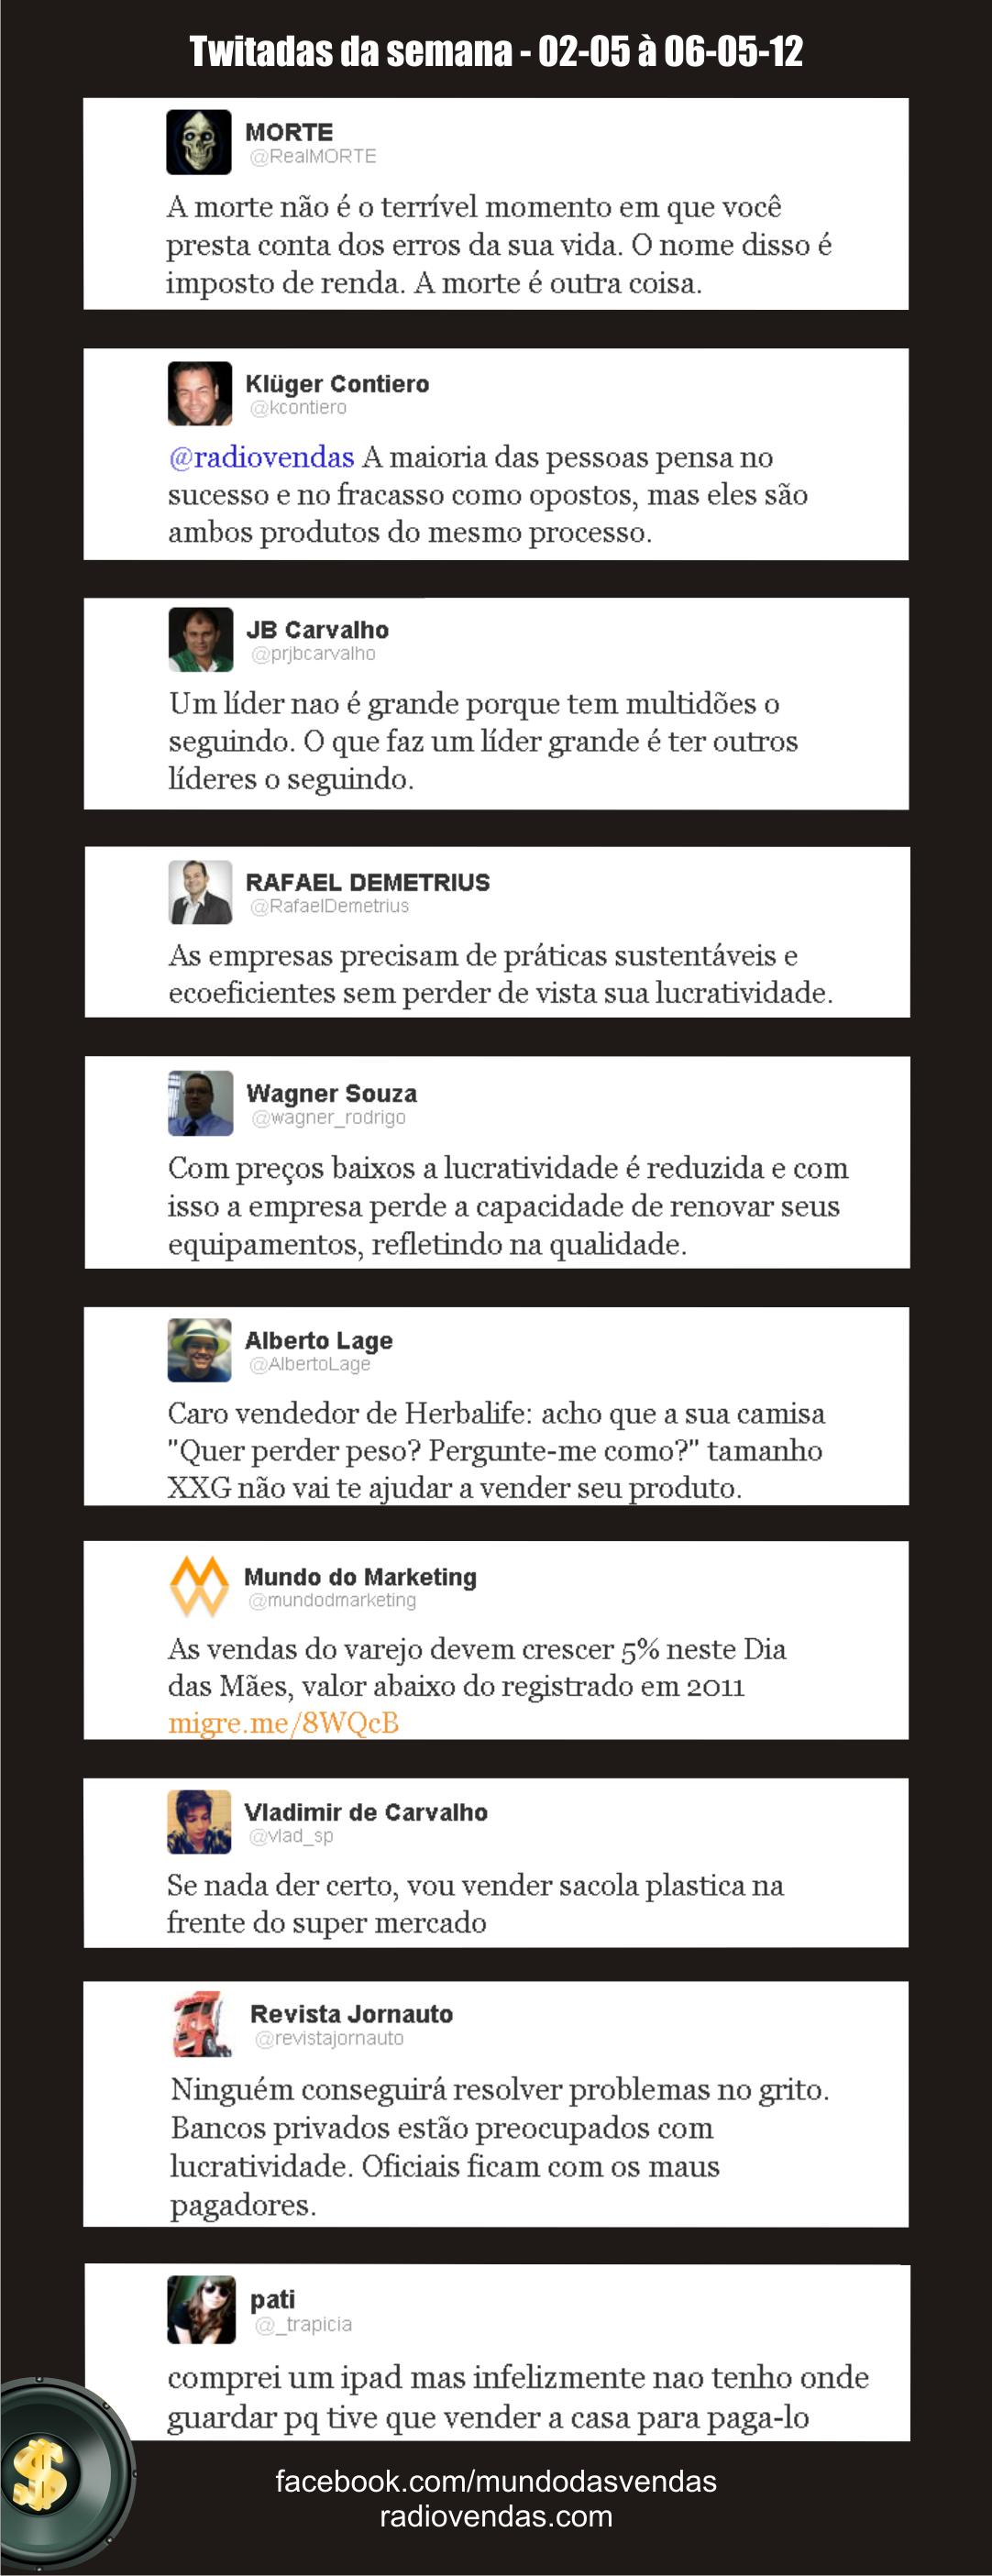 Melhores tweets de negócios! de 02-05 à 06-05-12